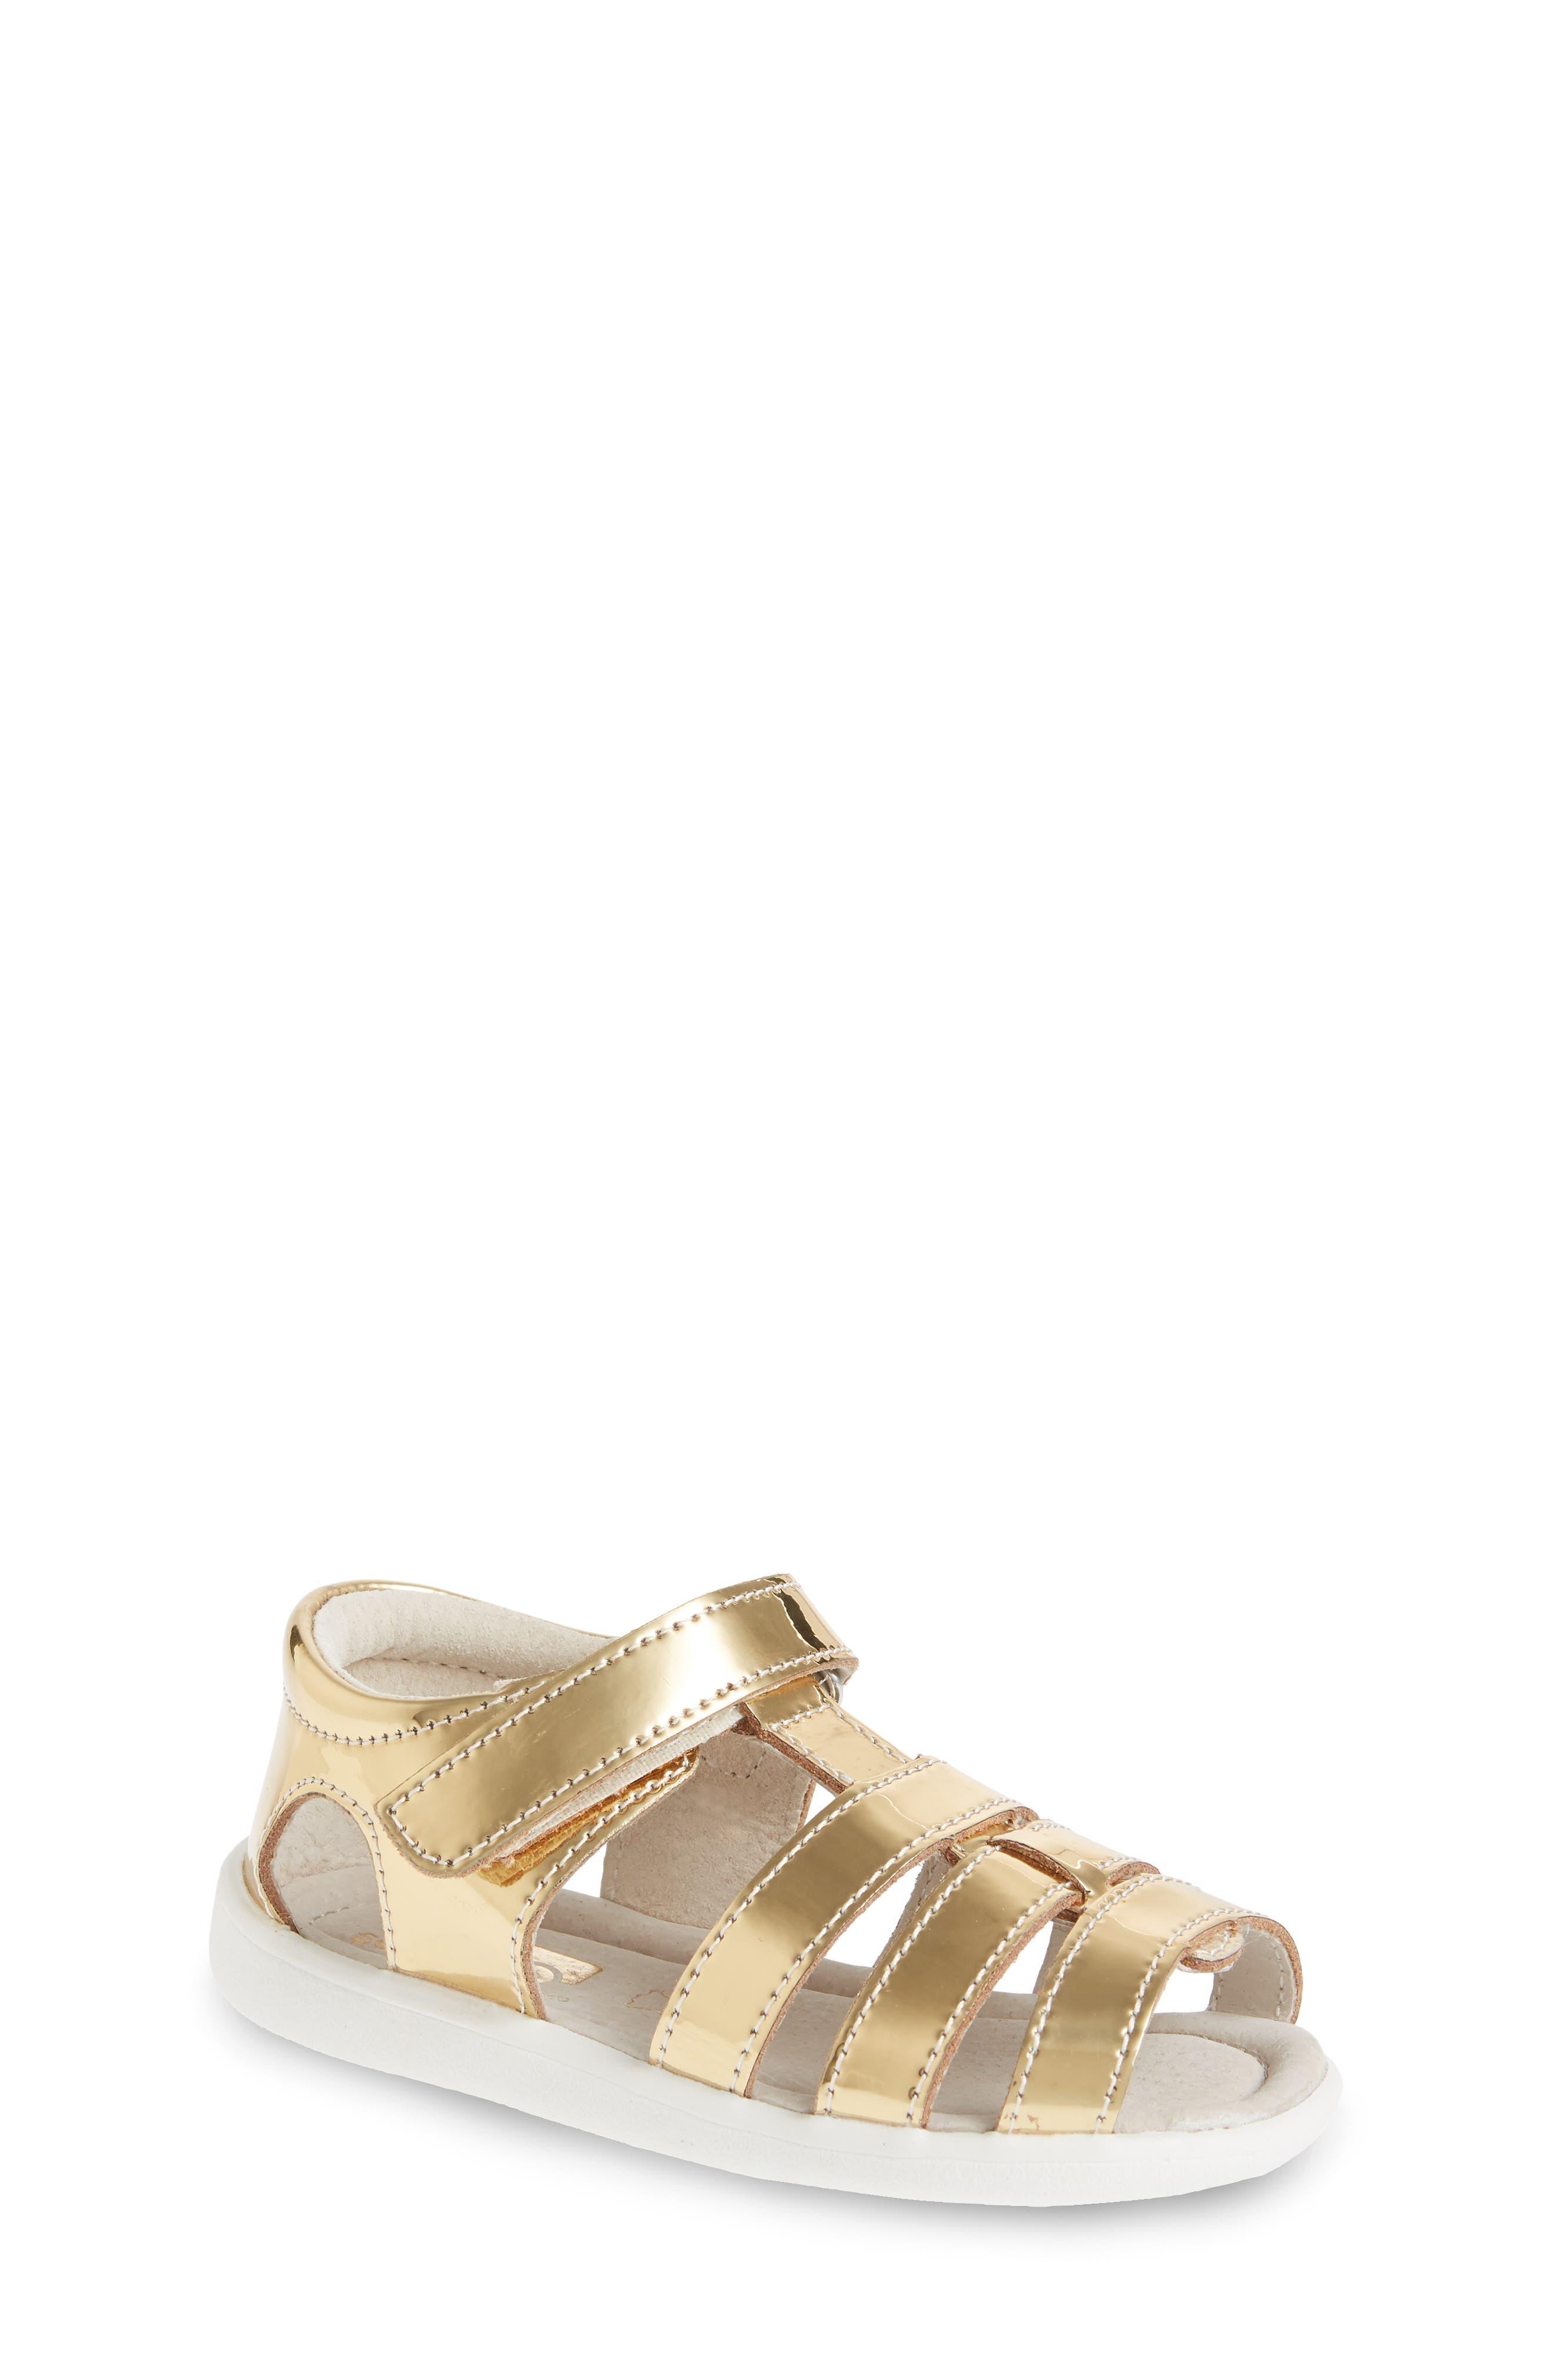 Main Image - See Kai Run 'Fe' Metallic Leather Gladiator Sandal (Baby, Walker & Toddler)